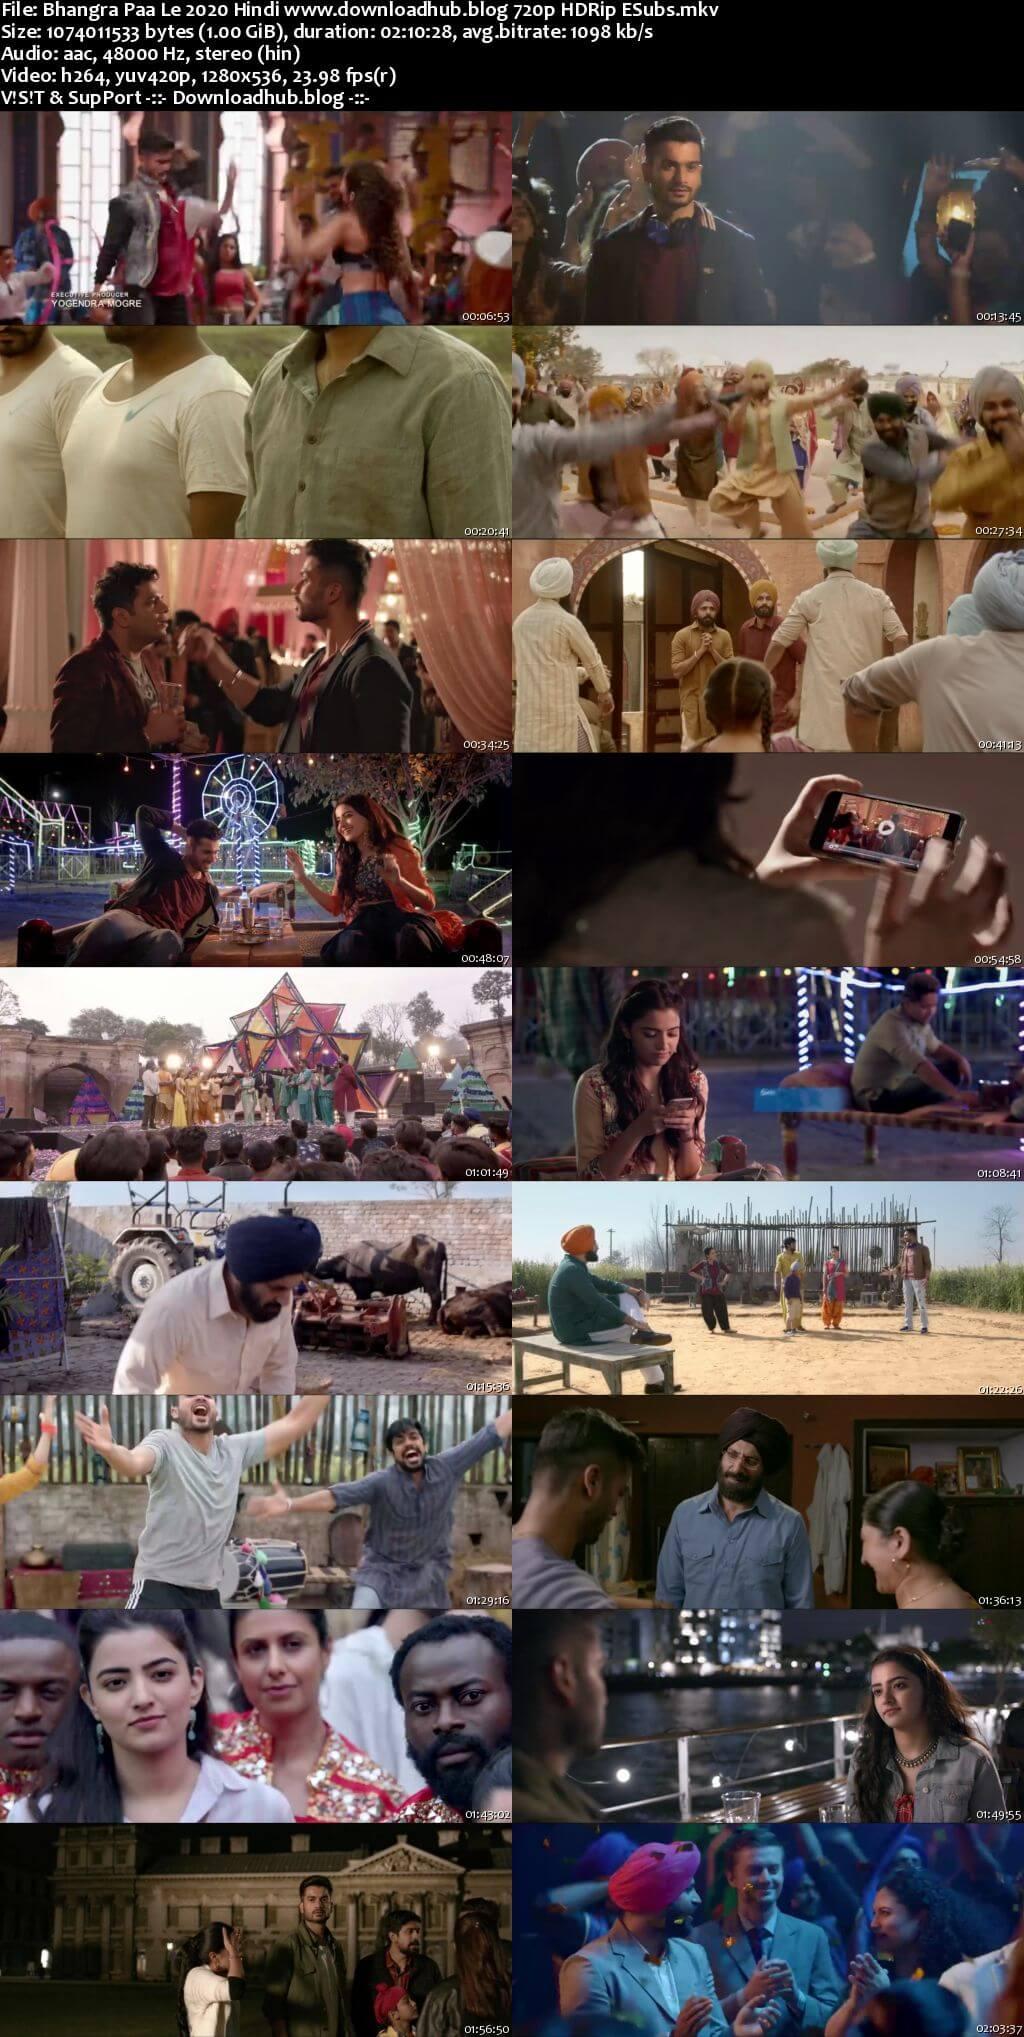 Bhangra Paa Le 2020 Hindi 720p HDRip ESubs